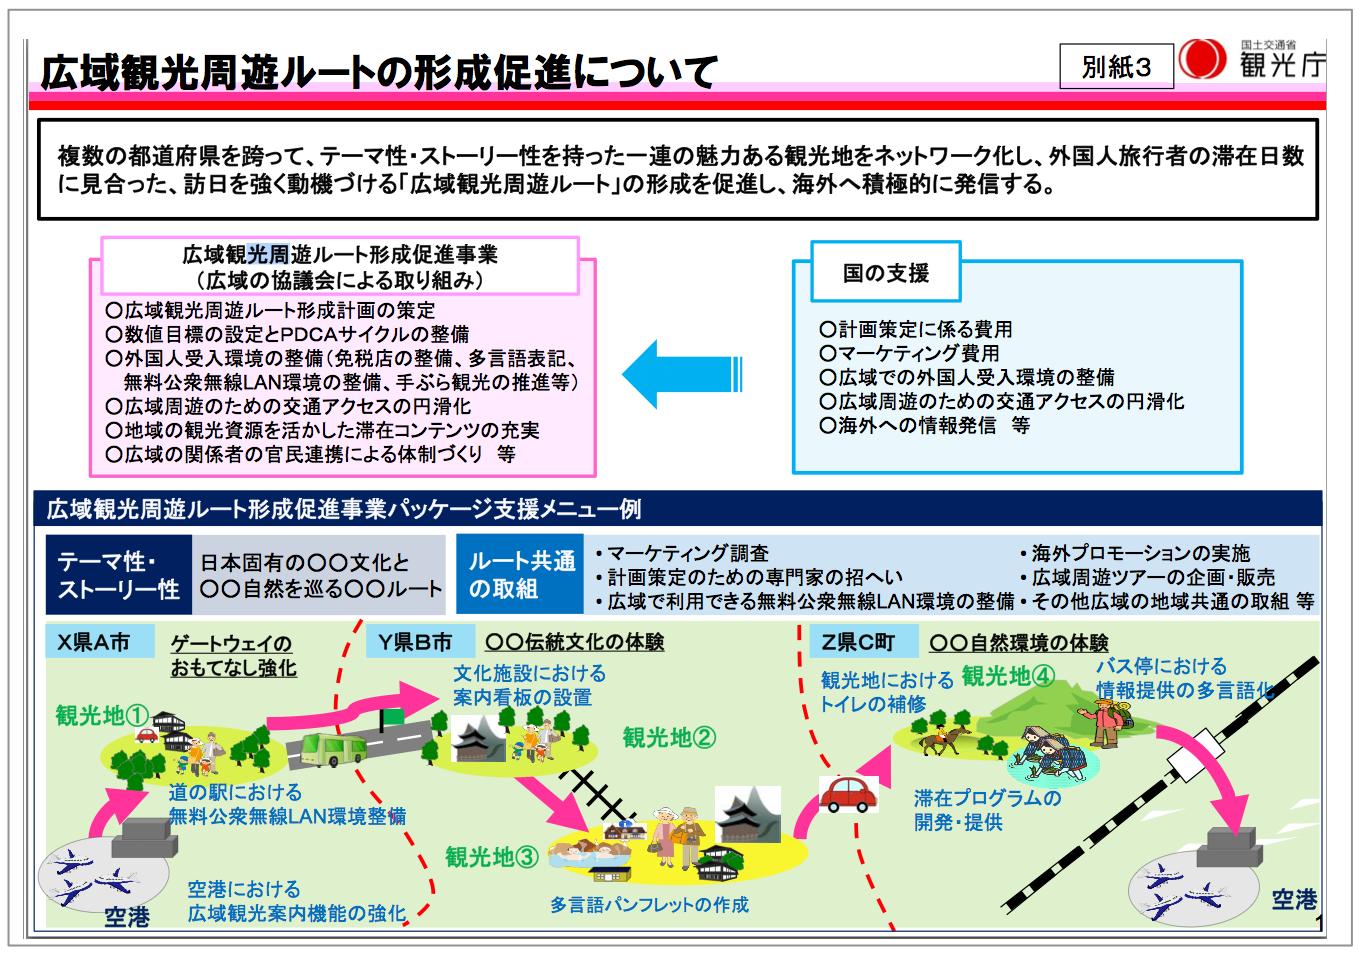 【別紙3】広域観光周遊ルートの形成促進について